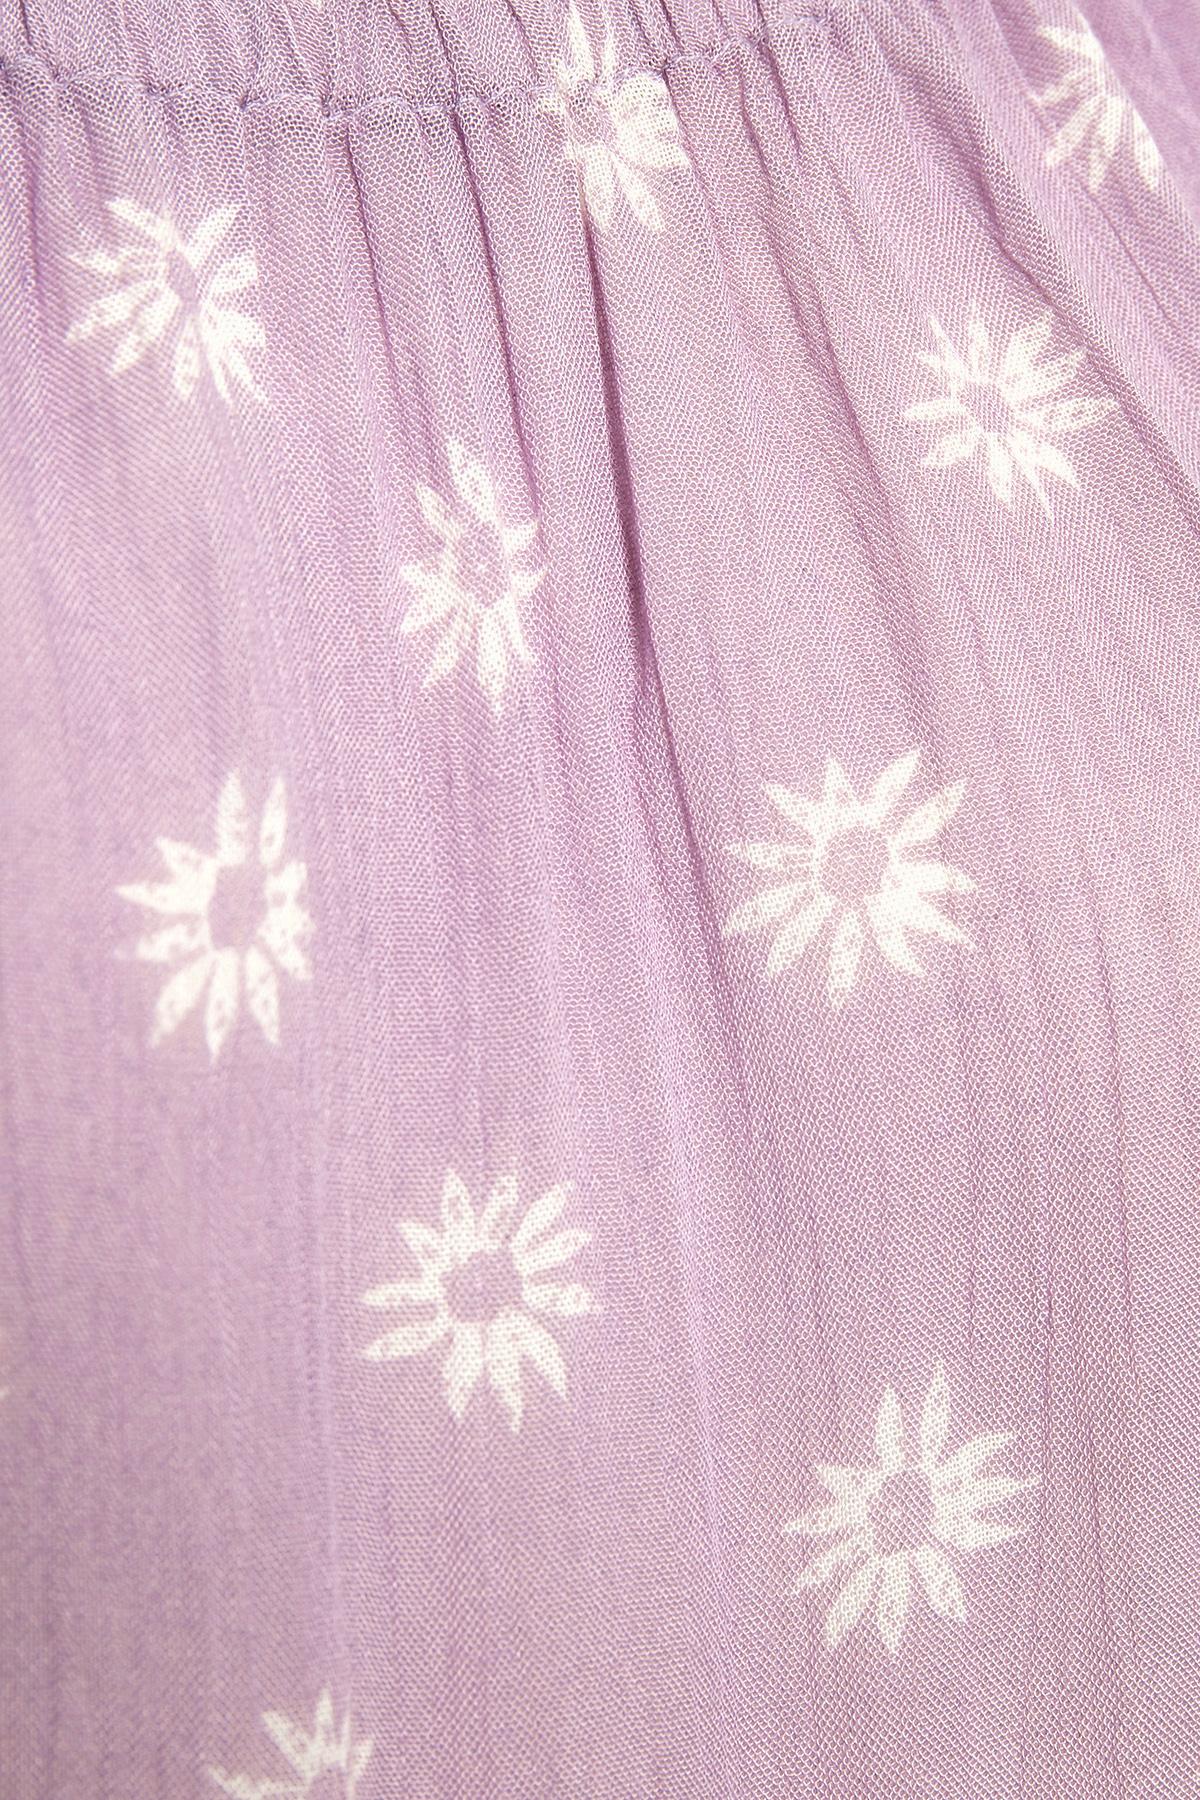 Misty paars Blouse met korte mouwen van Bon'A Parte – Door Misty paars Blouse met korte mouwen van maat. S-2XL hier